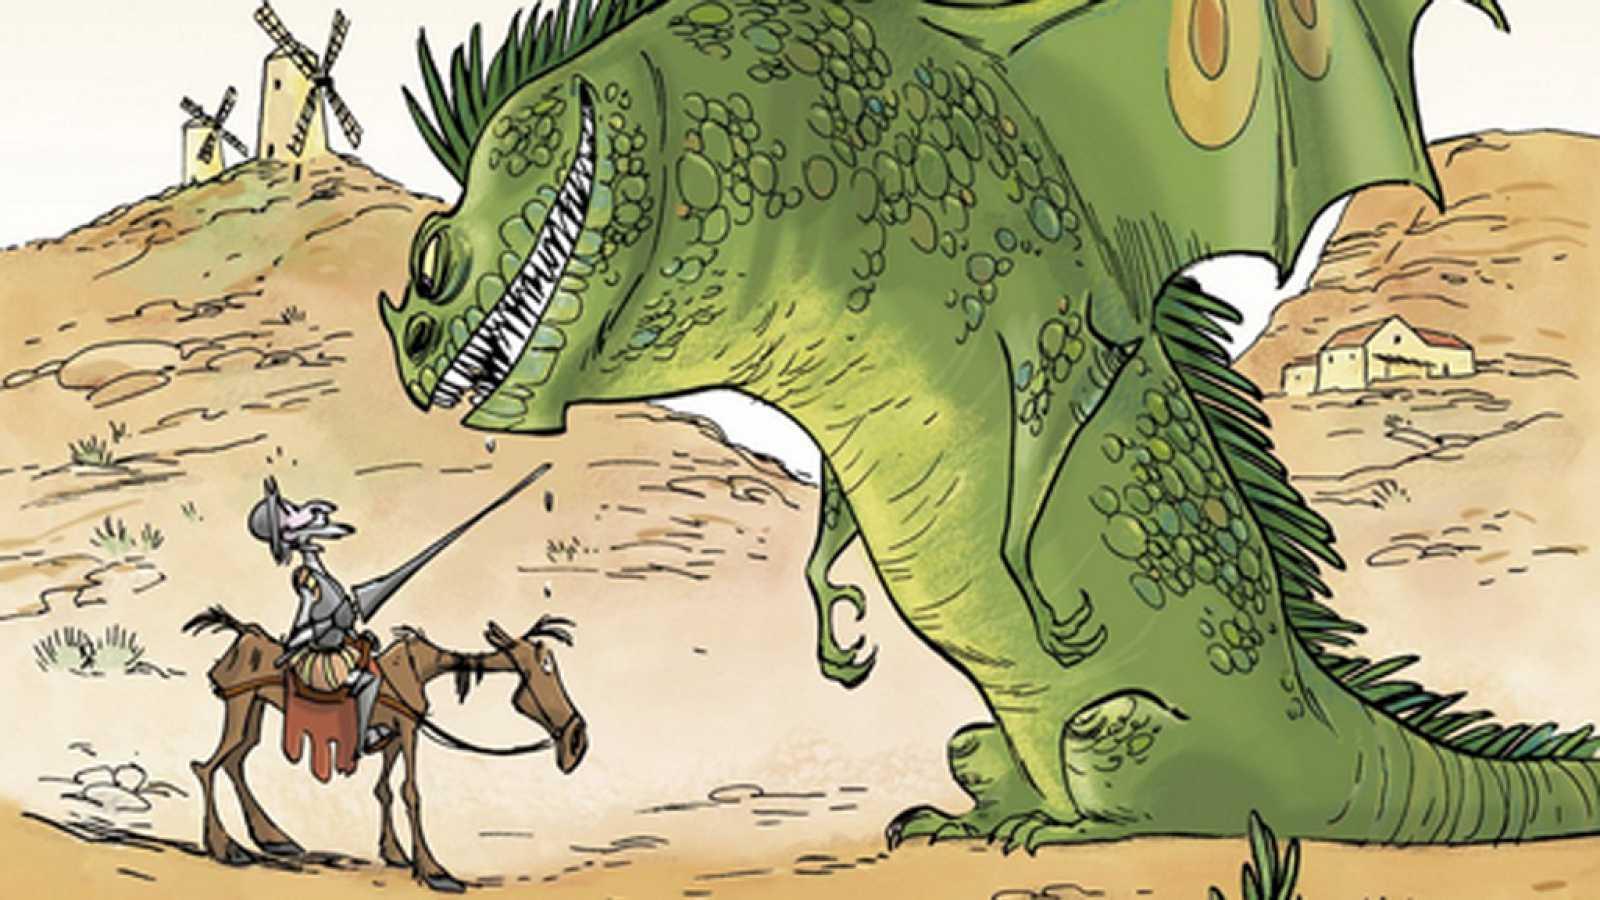 Punto de enlace - Don Quijote lucha contra el dragón - 15/06/16 - escuchar ahora